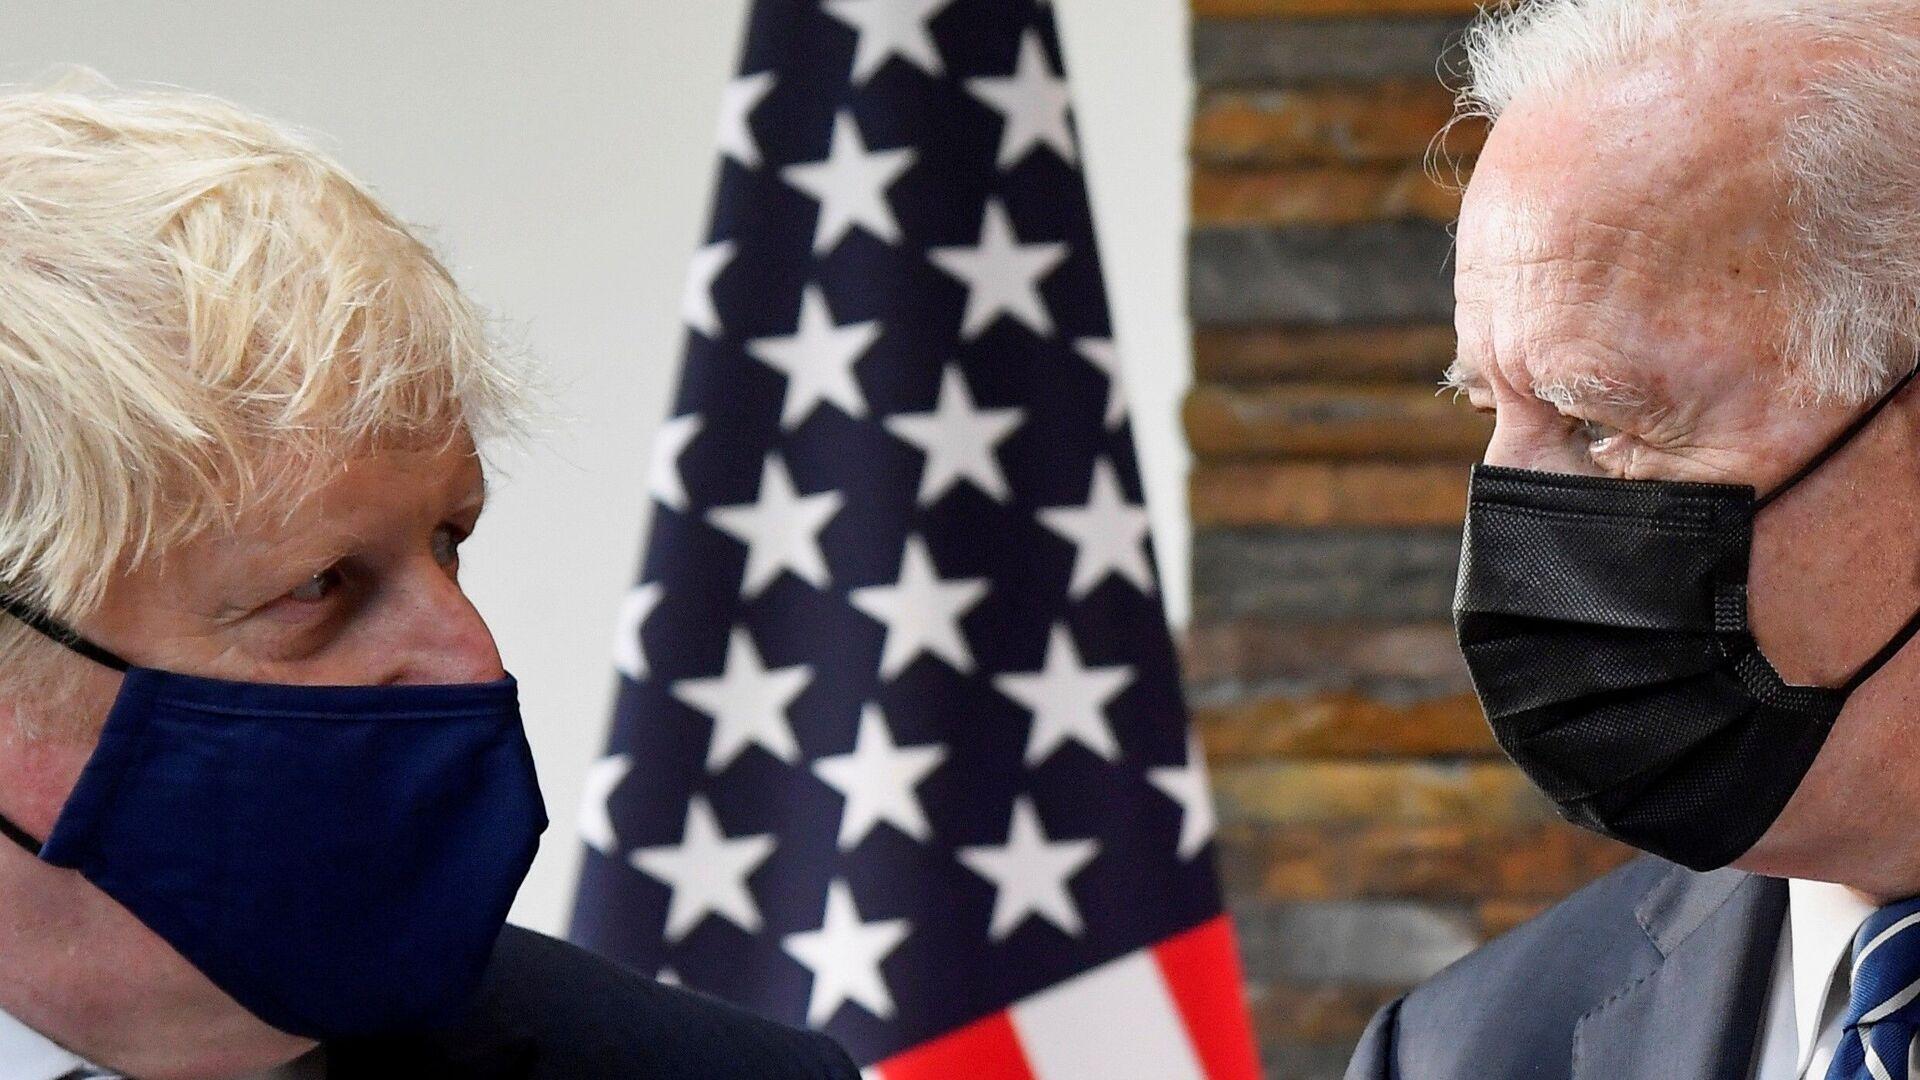 Амерички председник Џозеф Бајден и британски премијер Борис Џонсон - Sputnik Србија, 1920, 16.09.2021